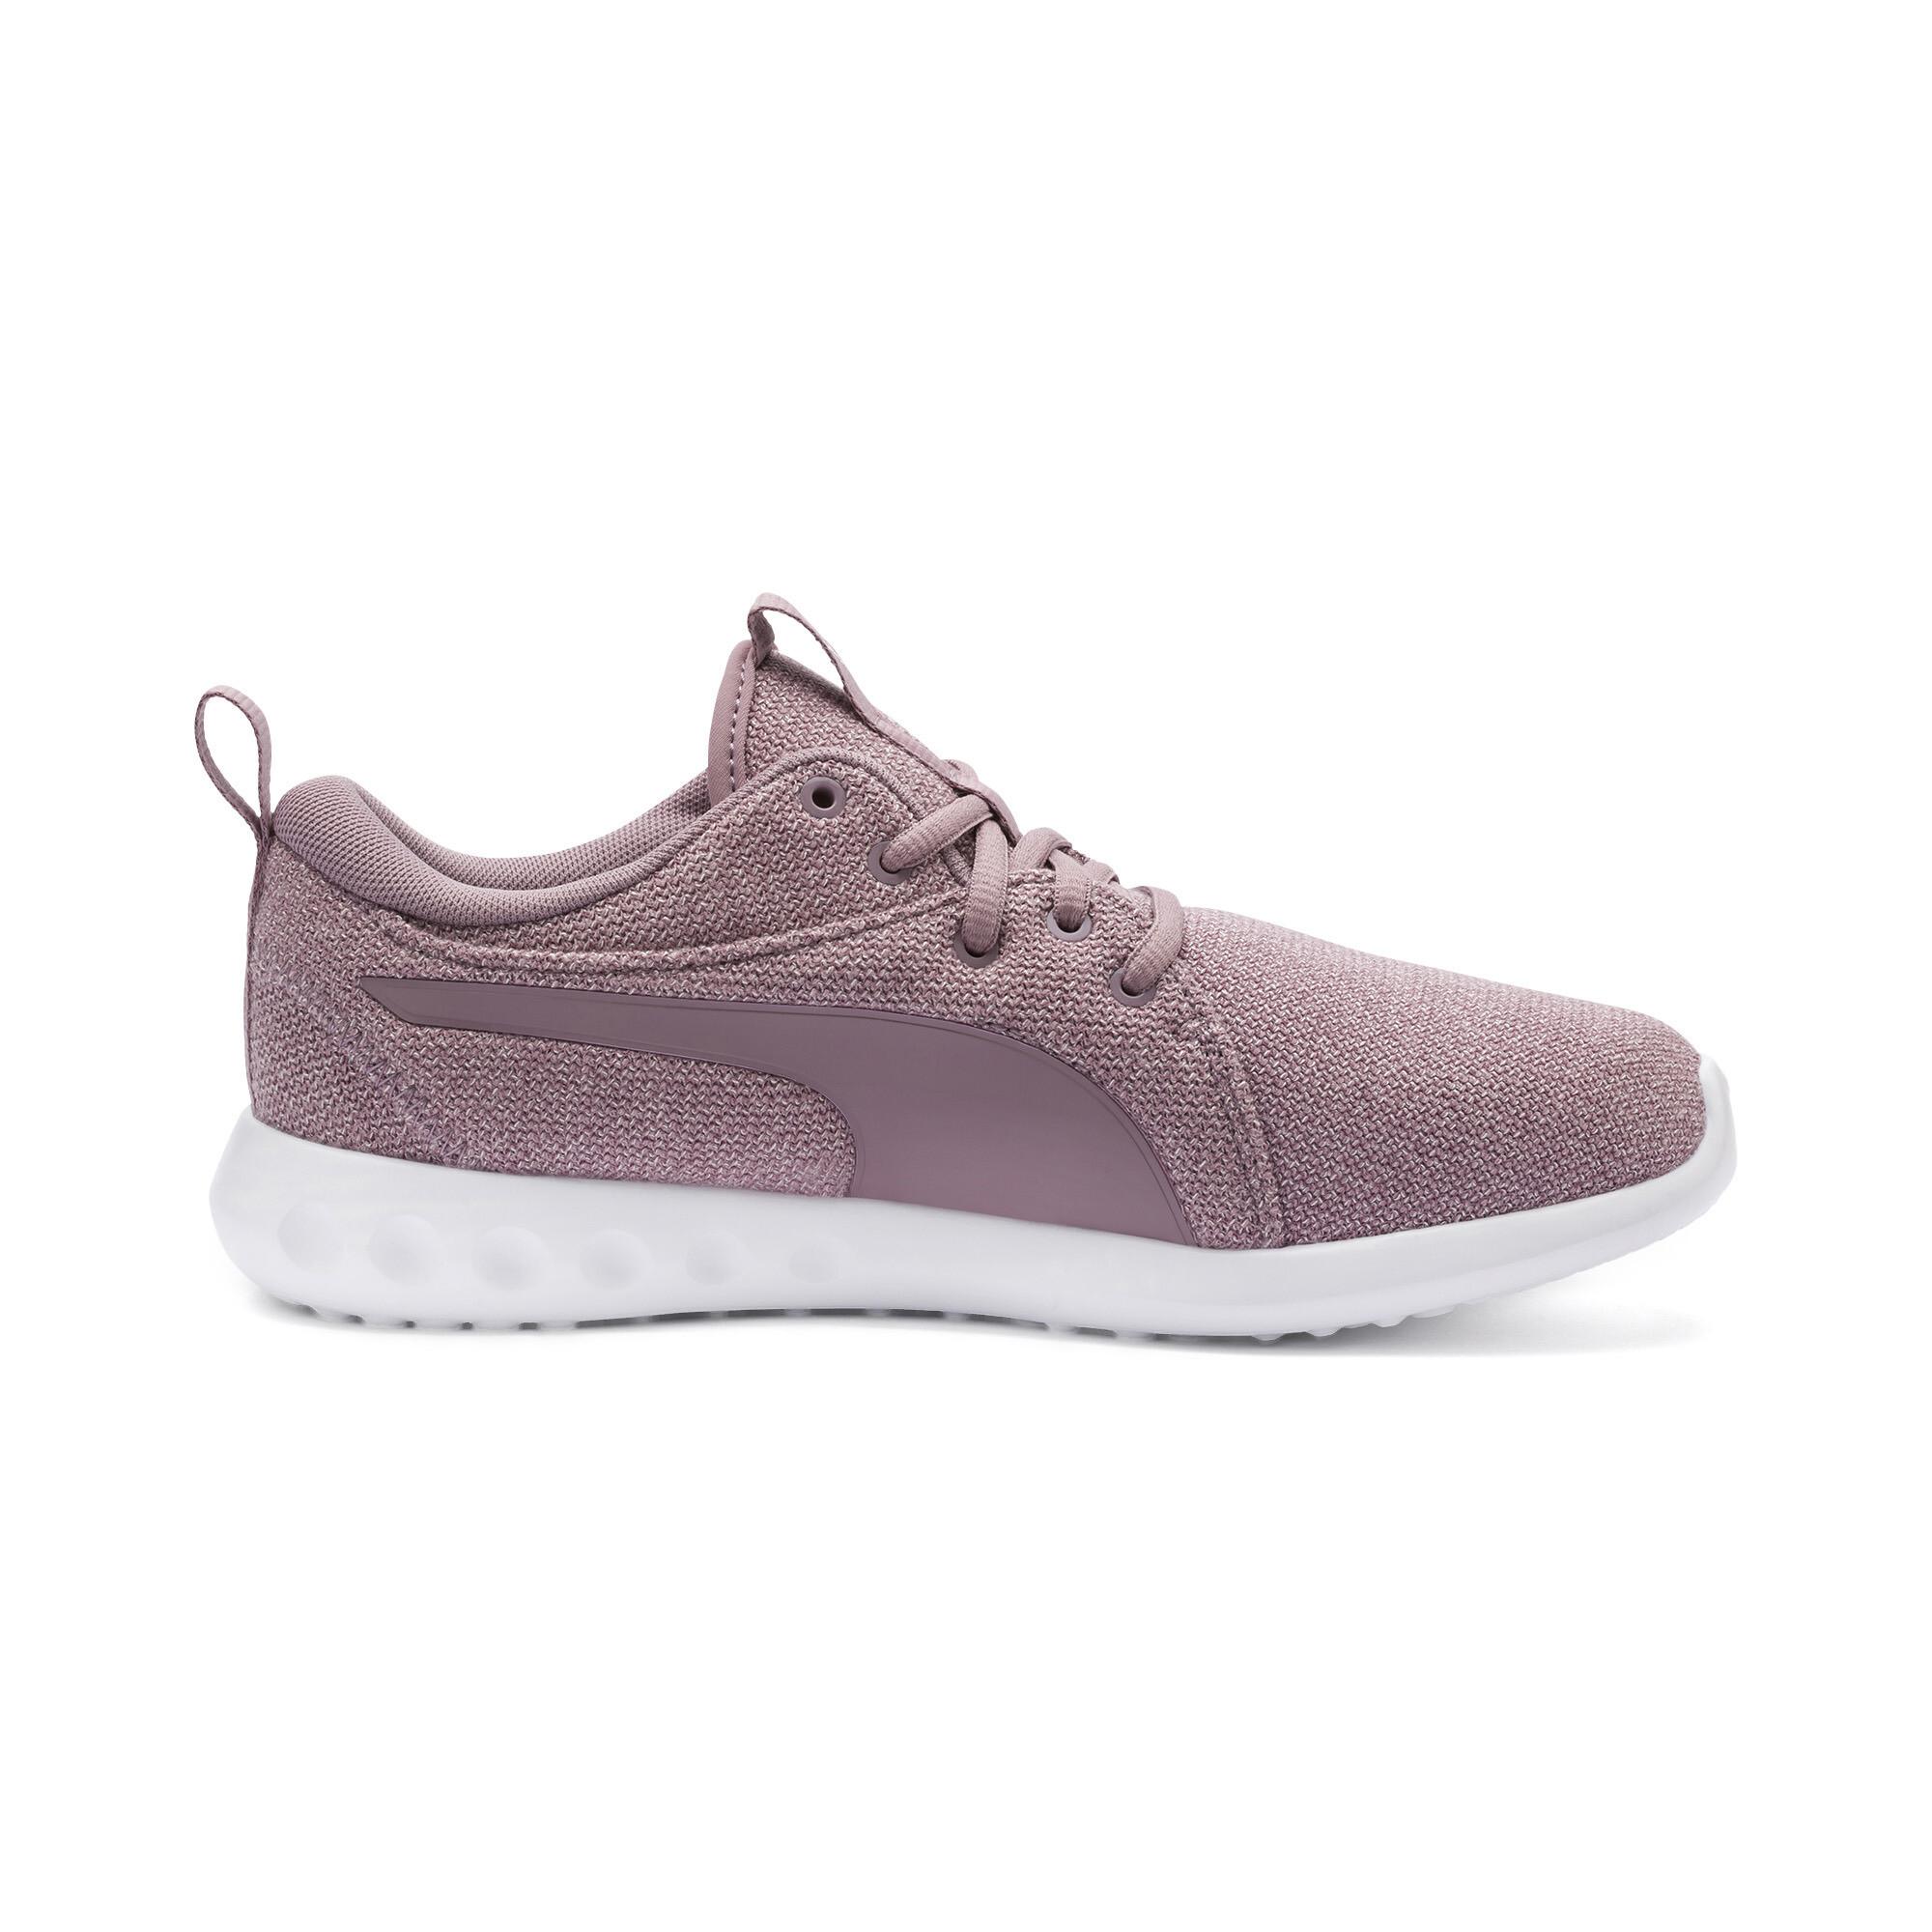 PUMA-Carson-2-Knit-Women-039-s-Running-Shoes-Women-Shoe-Running thumbnail 16